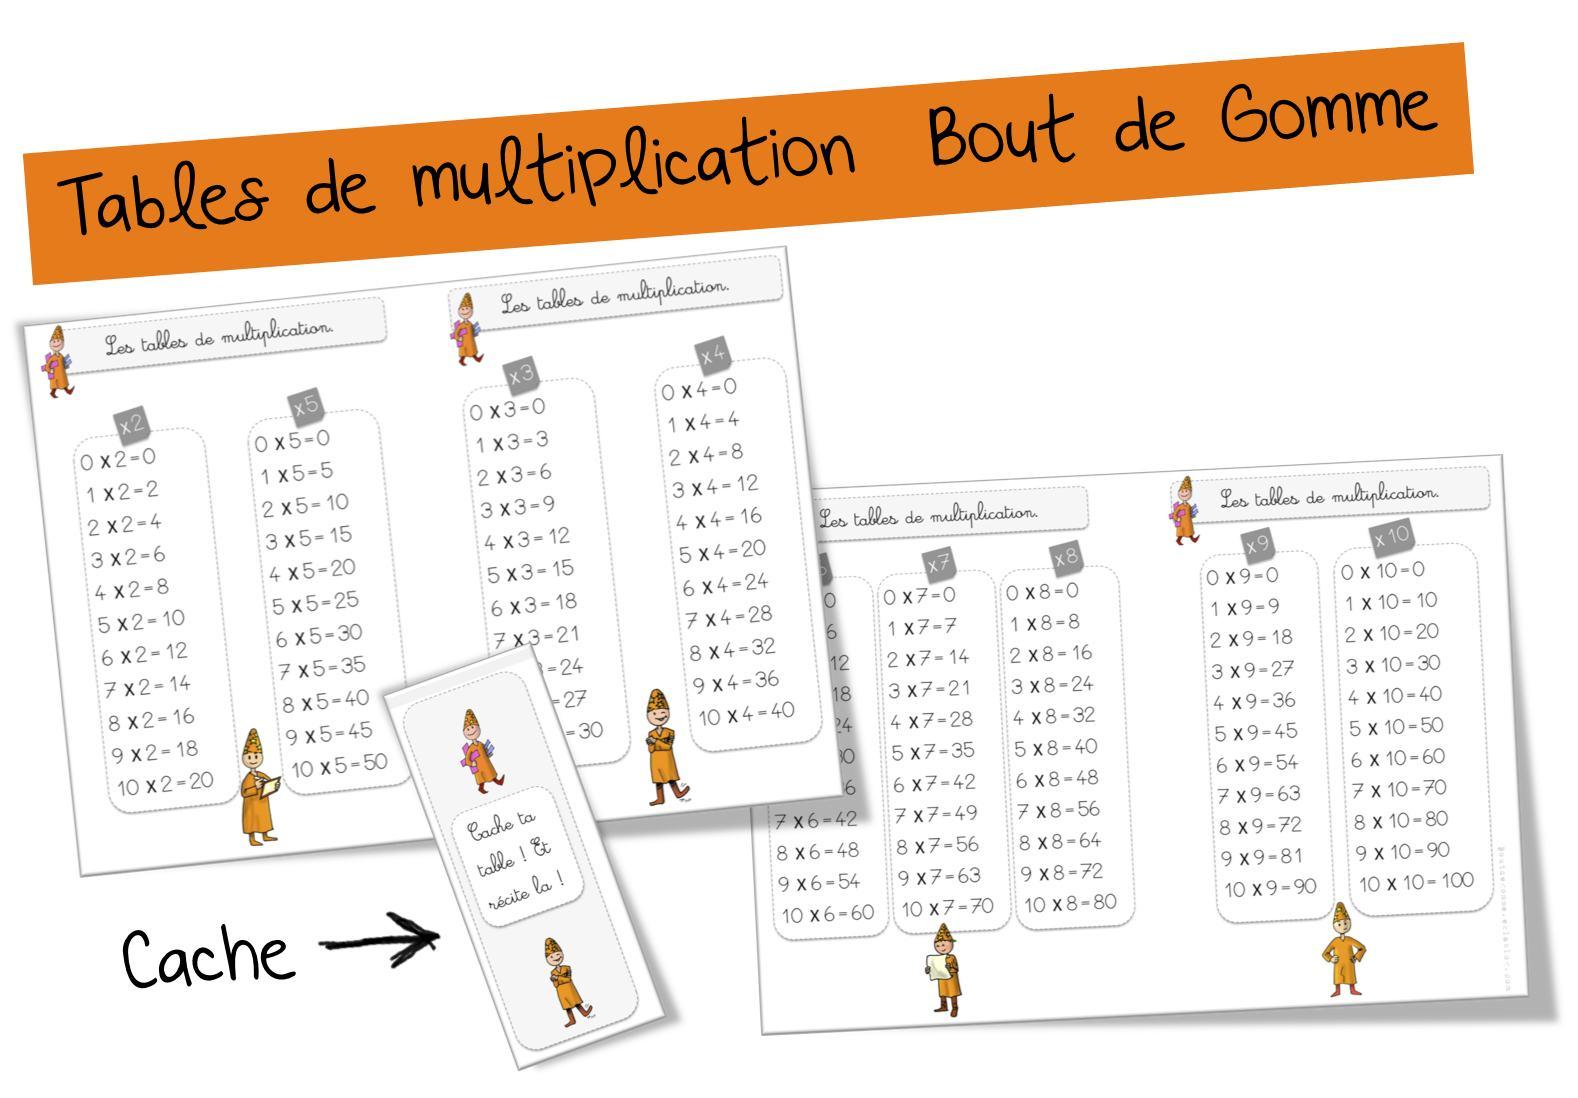 Tables De Multiplication | Bout De Gomme encequiconcerne Tables Multiplication À Imprimer